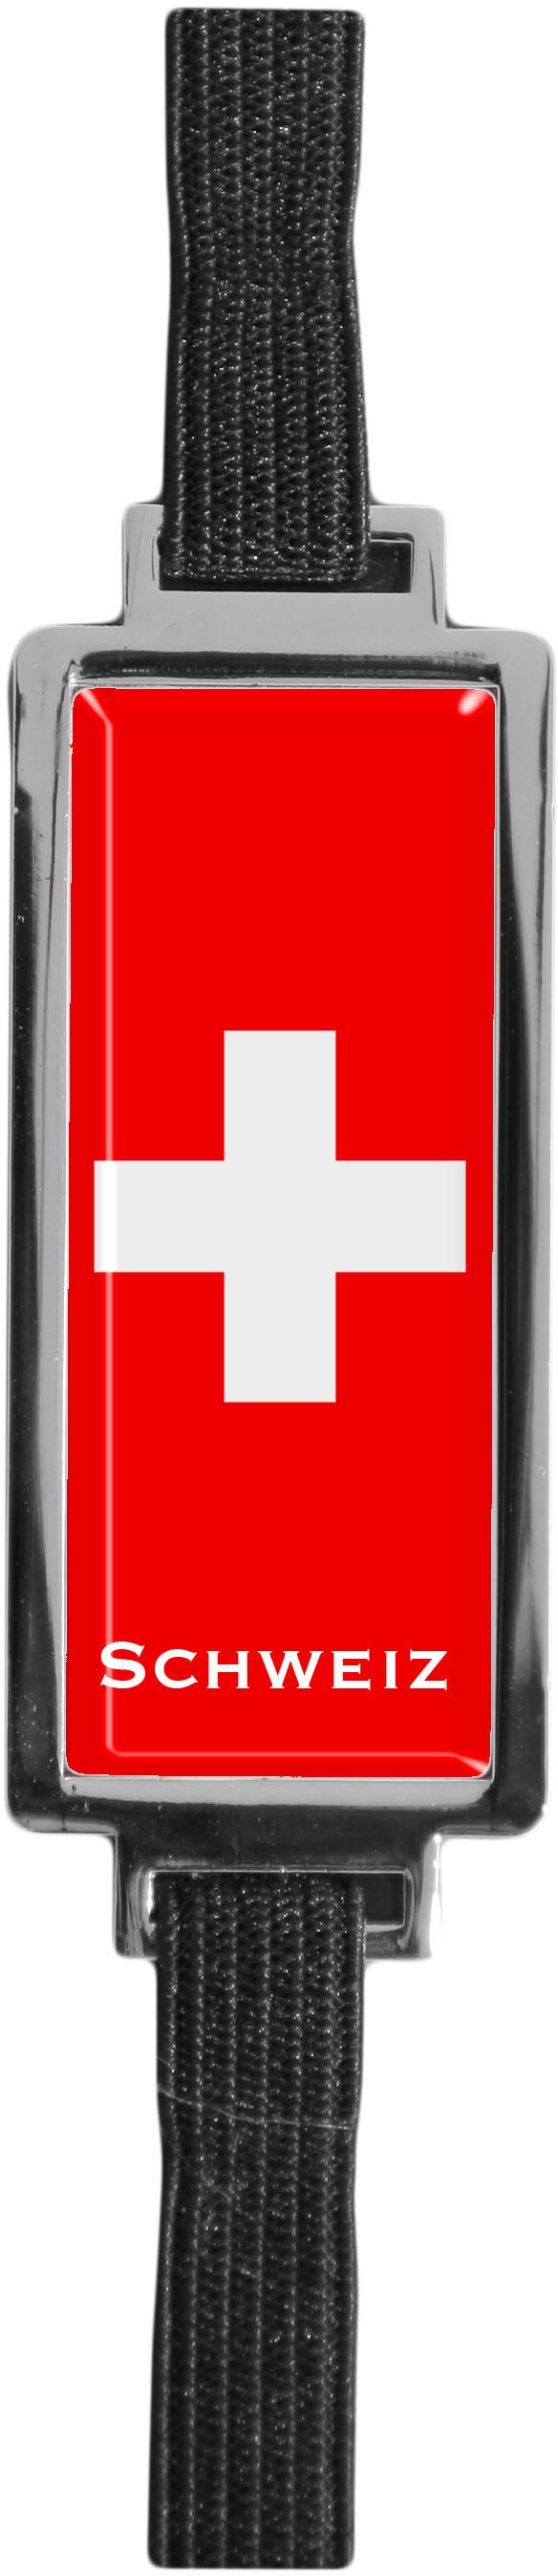 """Metall - Lesezeichen  """"Schweiz"""""""